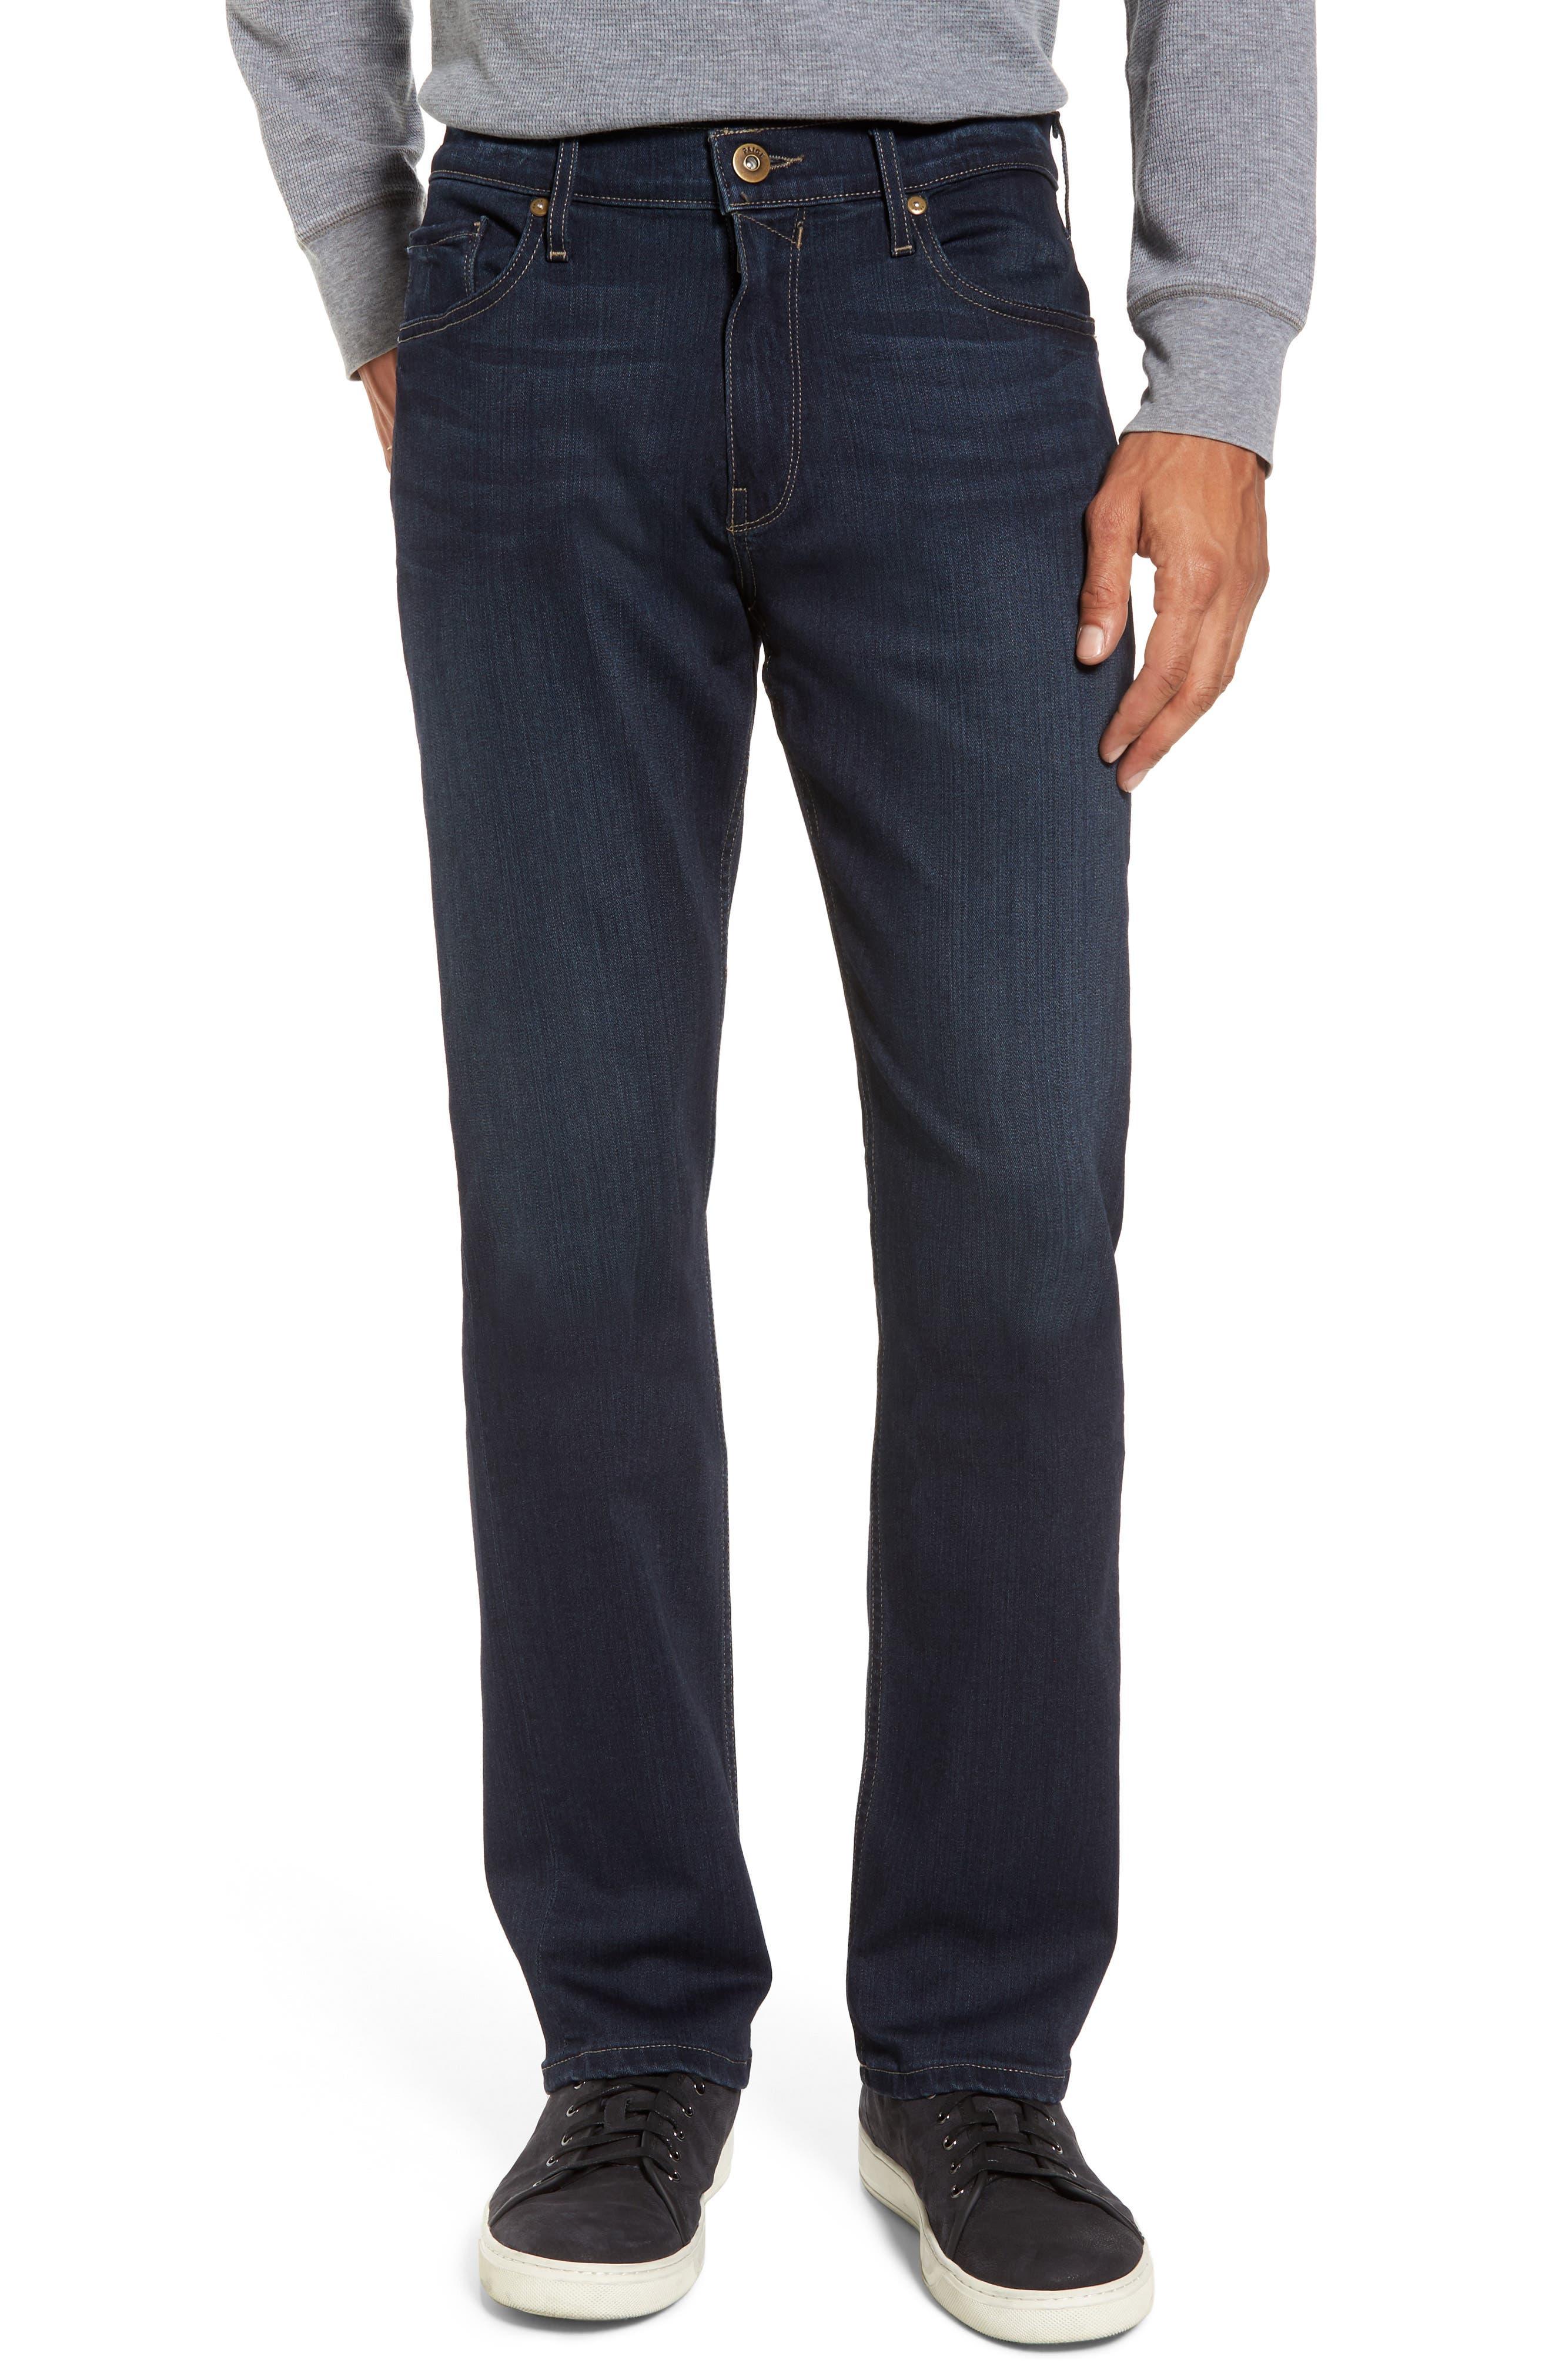 PAIGE Transcend - Normandie Straight Fit Jeans (Barrington)